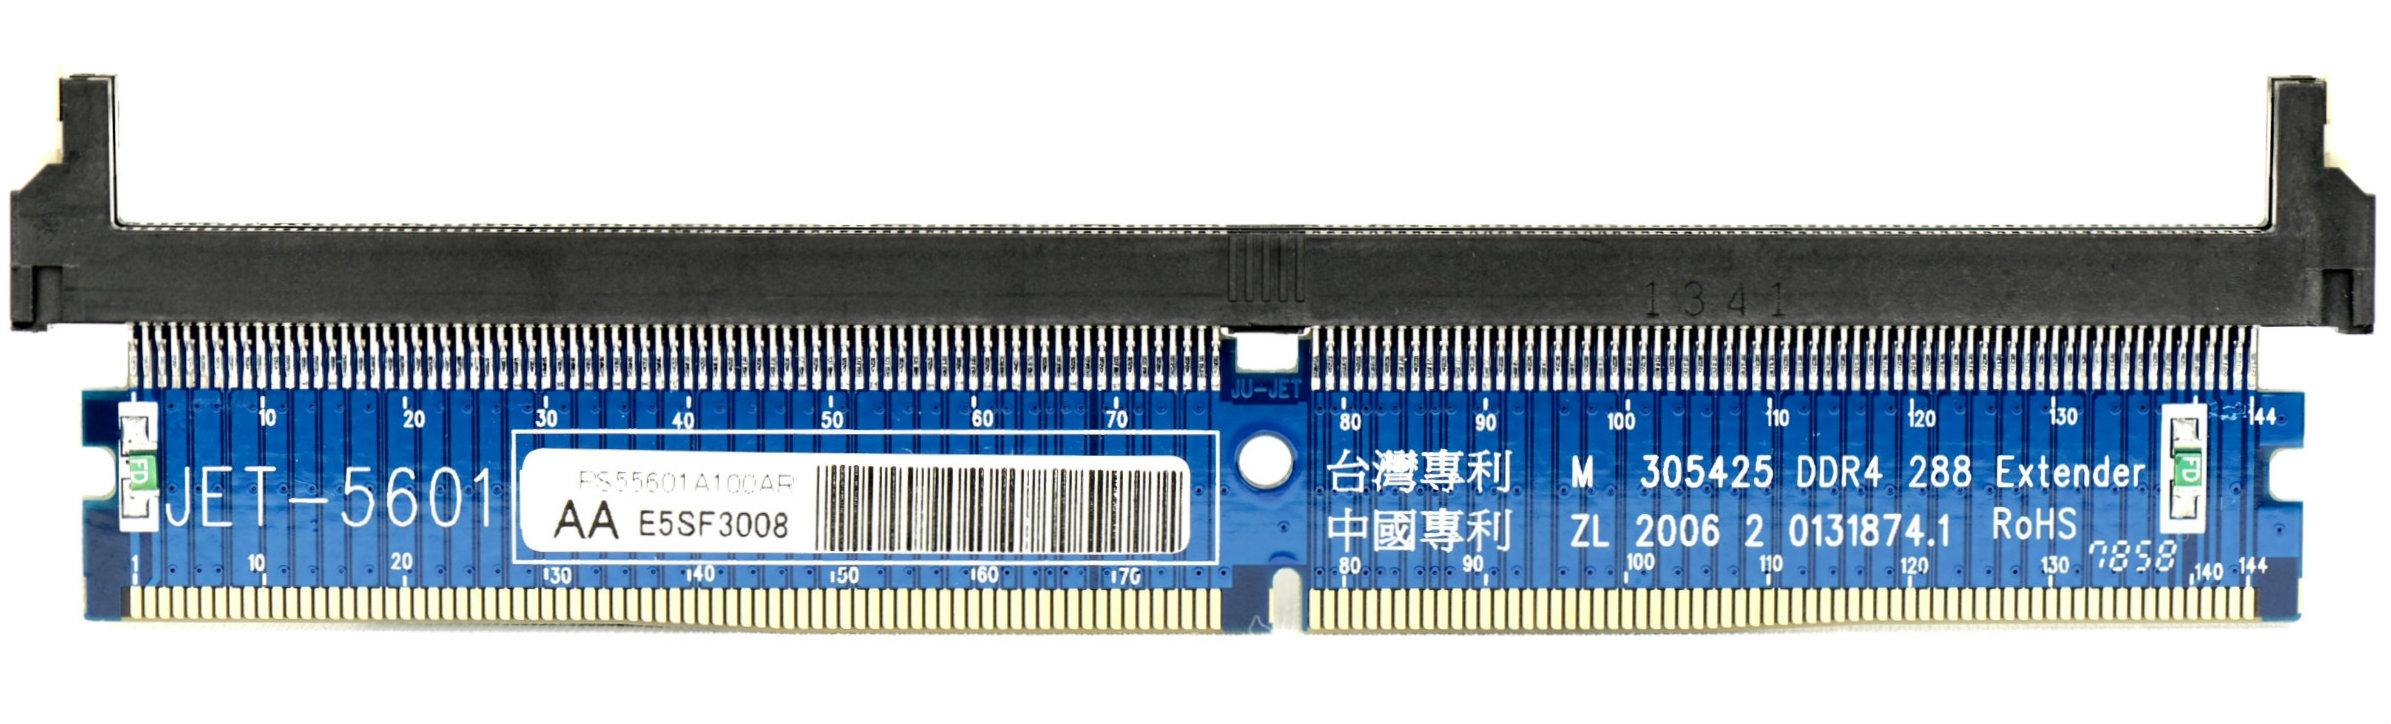 ddr4-288pin-extender.jpg